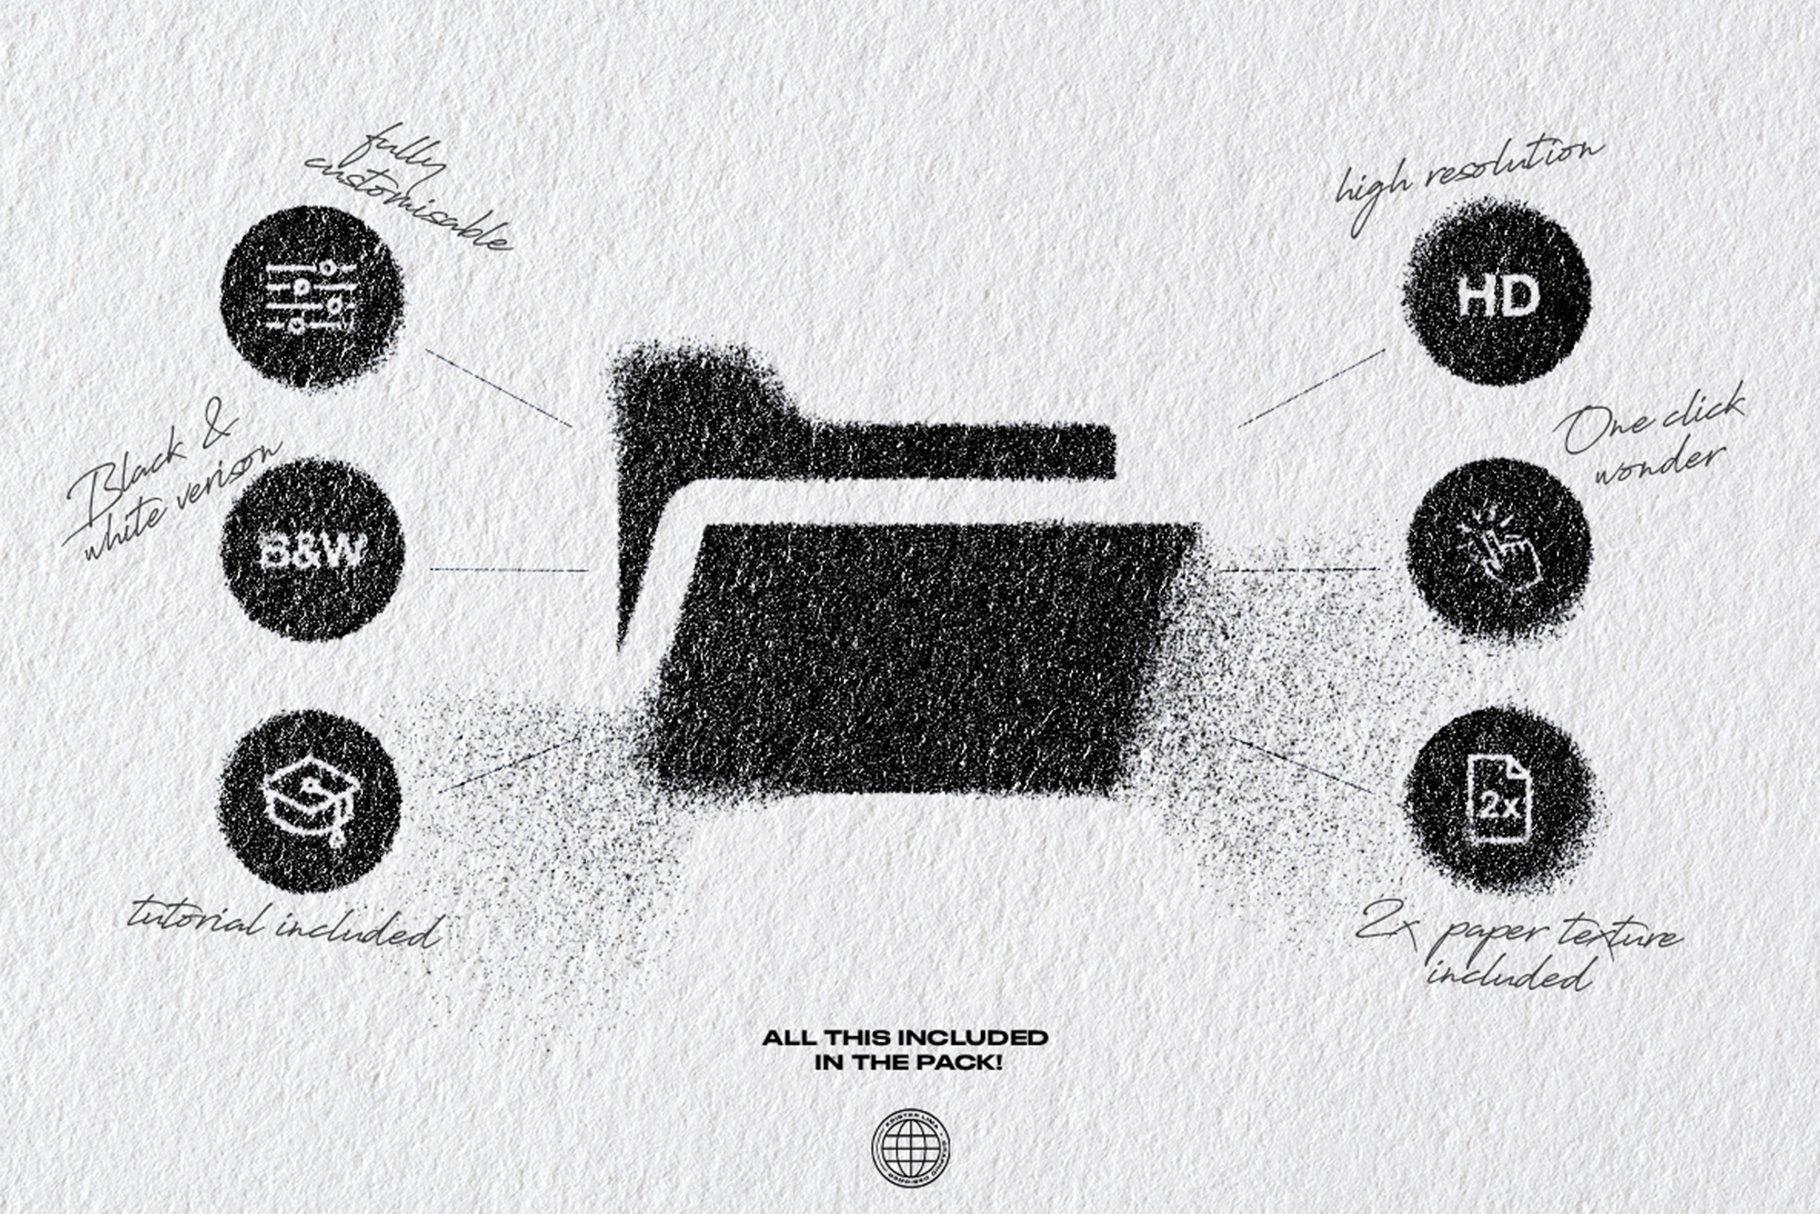 超高分辨率一键式喷雾飞溅PS动作(4330)插图(4)